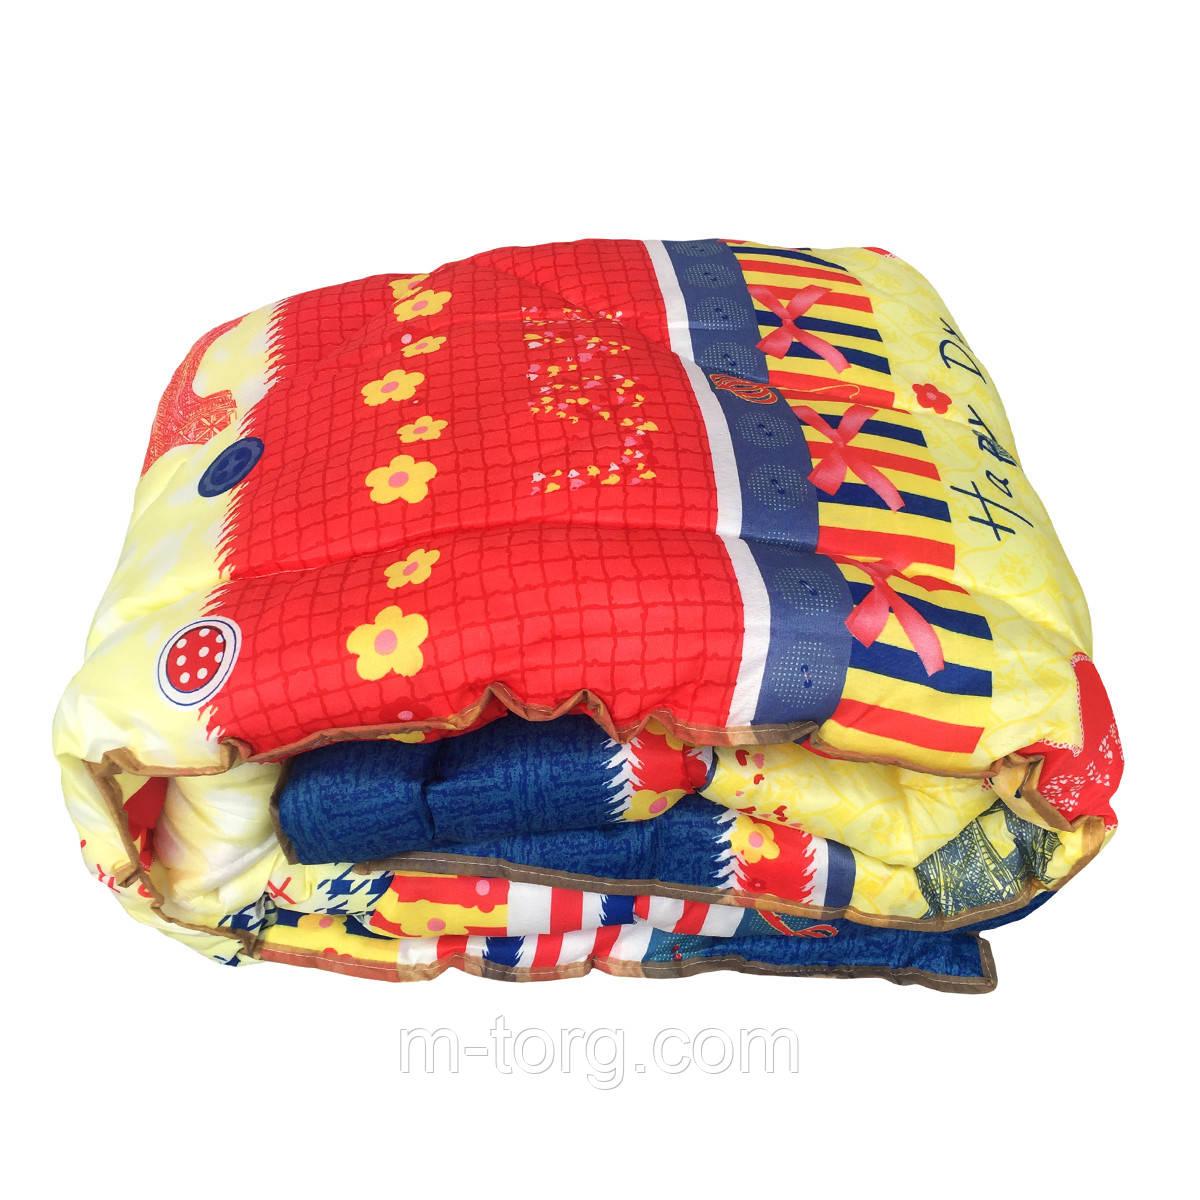 Недорогое шерстяное  полуторное одеяло 145/215, ткань поликотон